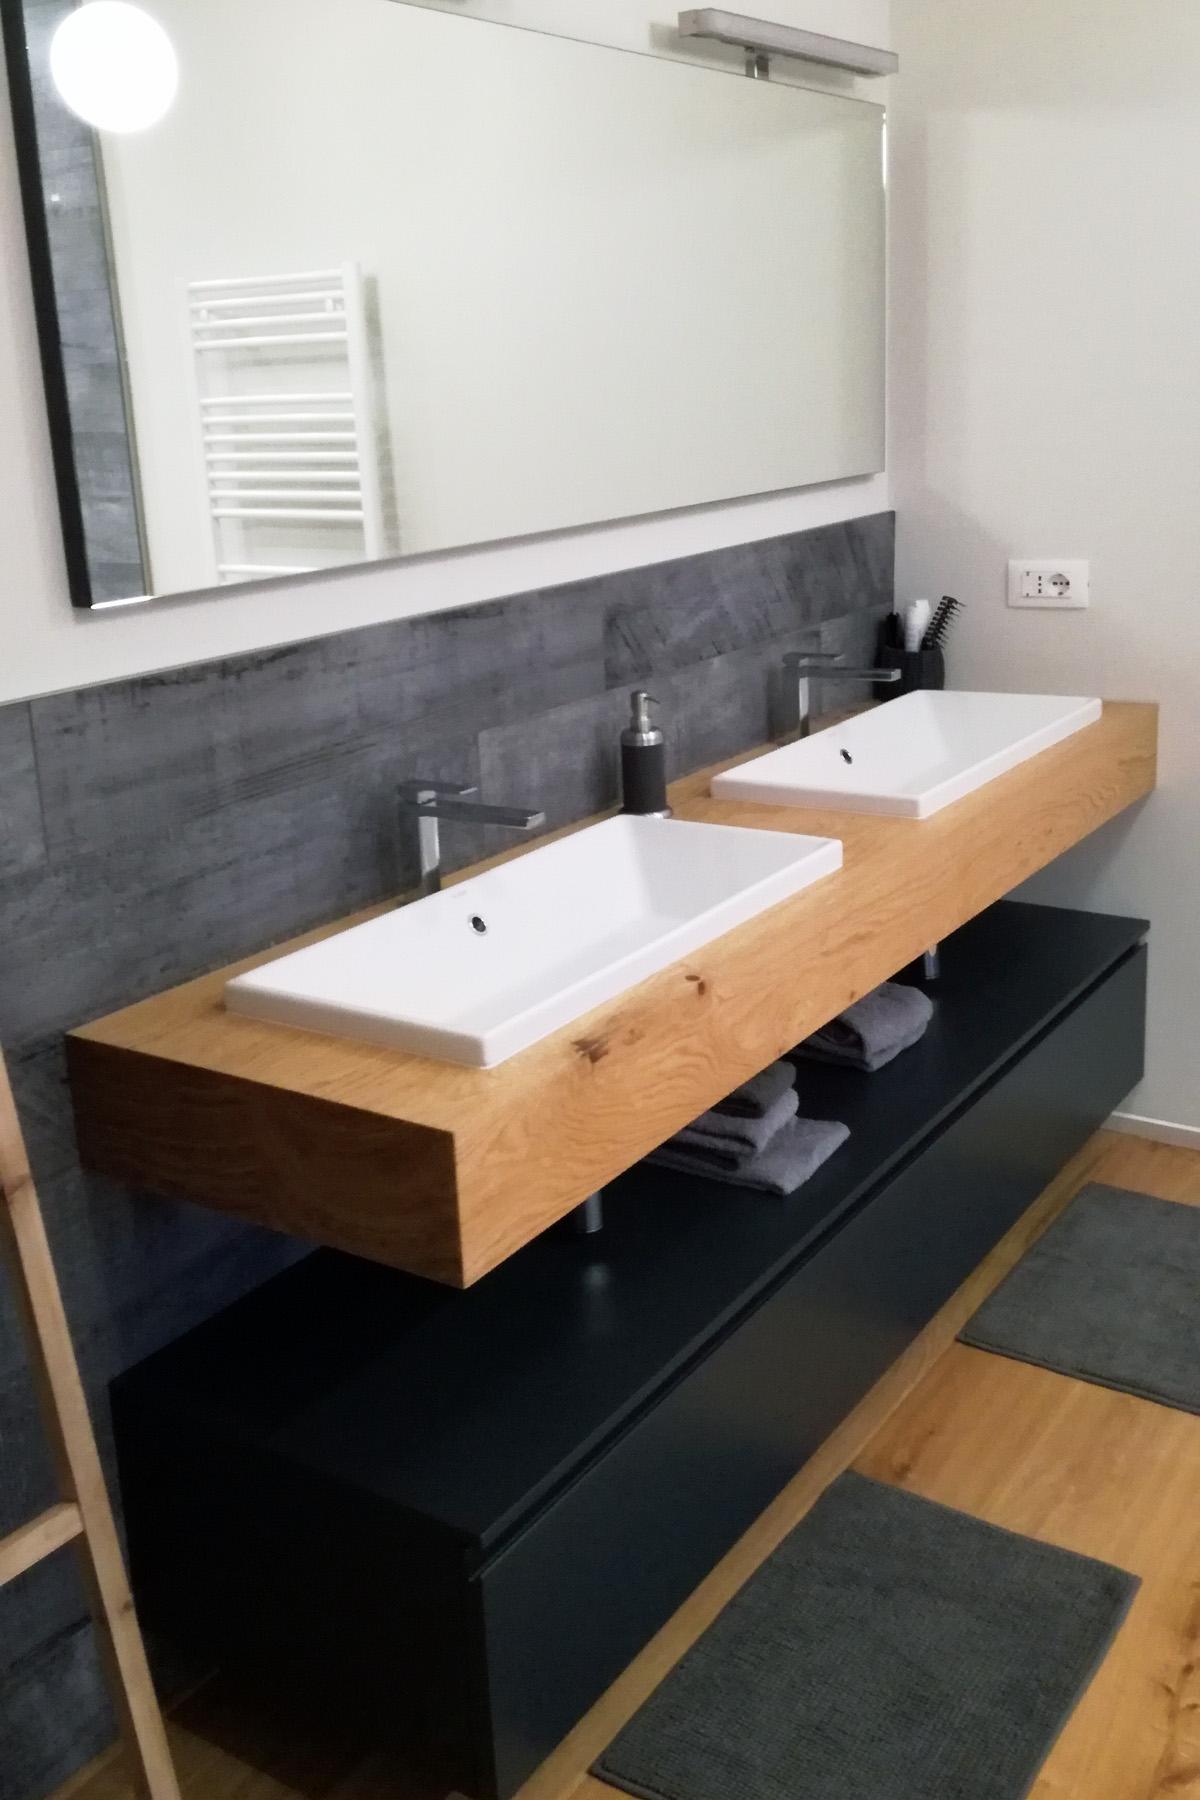 Mobile bagno con mensola in legno doppio lavabo - Mobile bagno con doppio lavabo ...